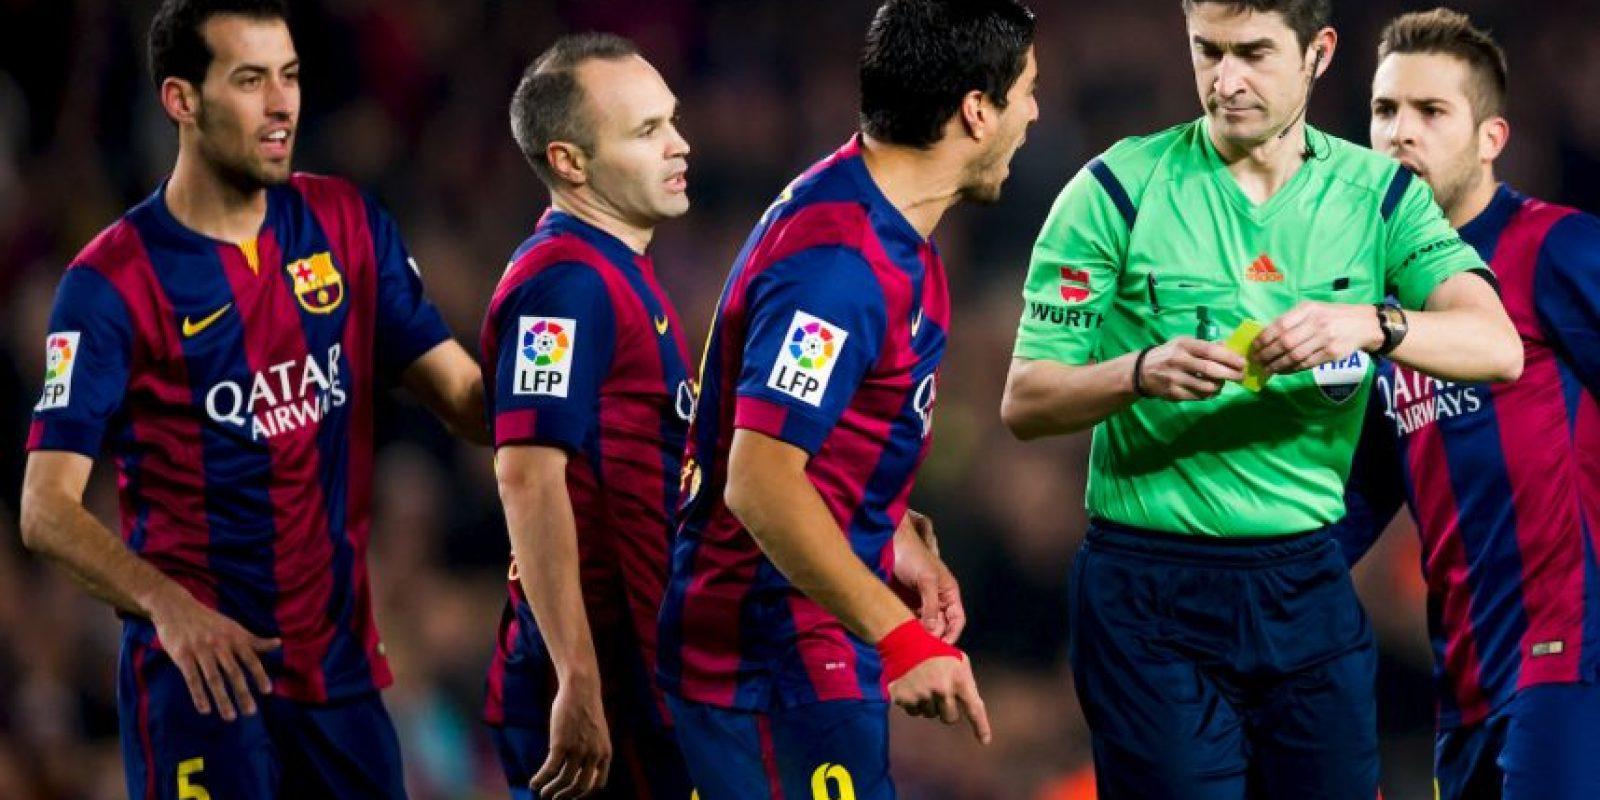 """Pero los hinchas hicieron popular el nombre de Camp Nou, debido al """"viejo"""" campo de Les Corts. Foto:Getty"""